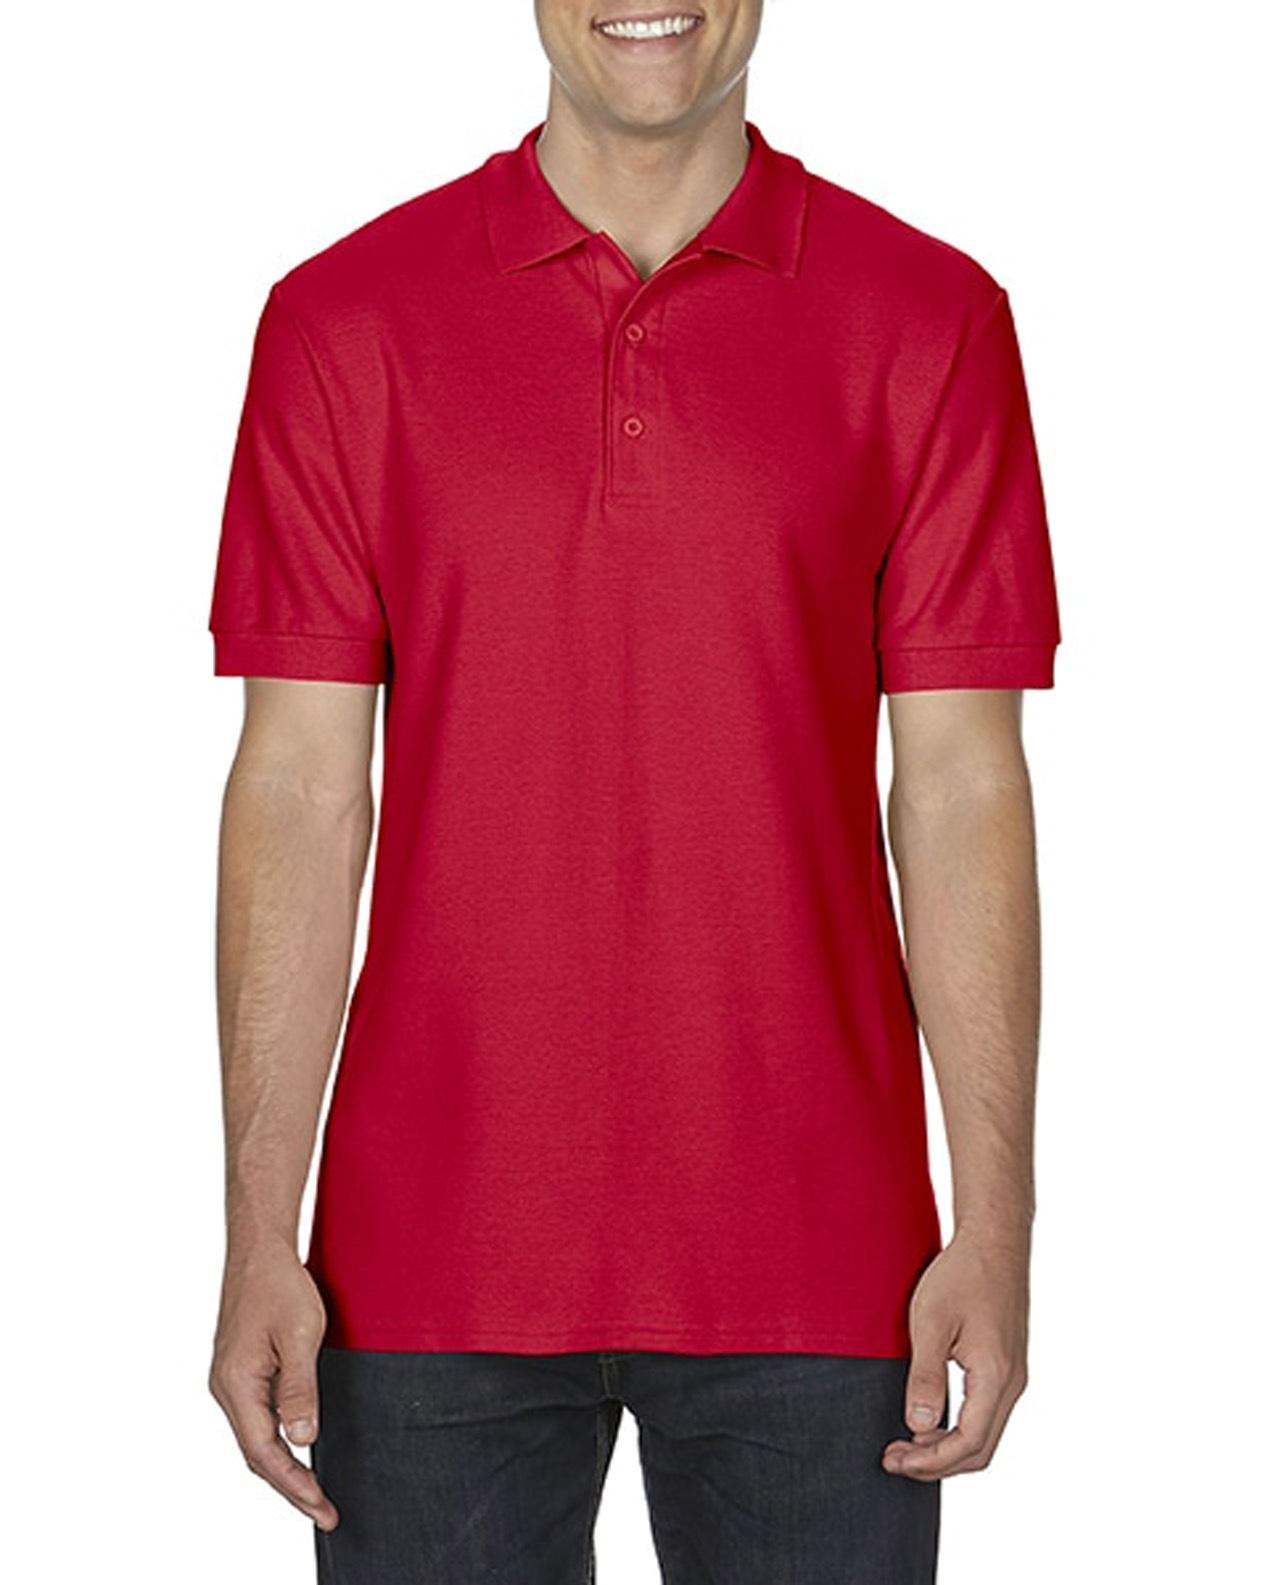 100 cotton Gildan polo shirt red